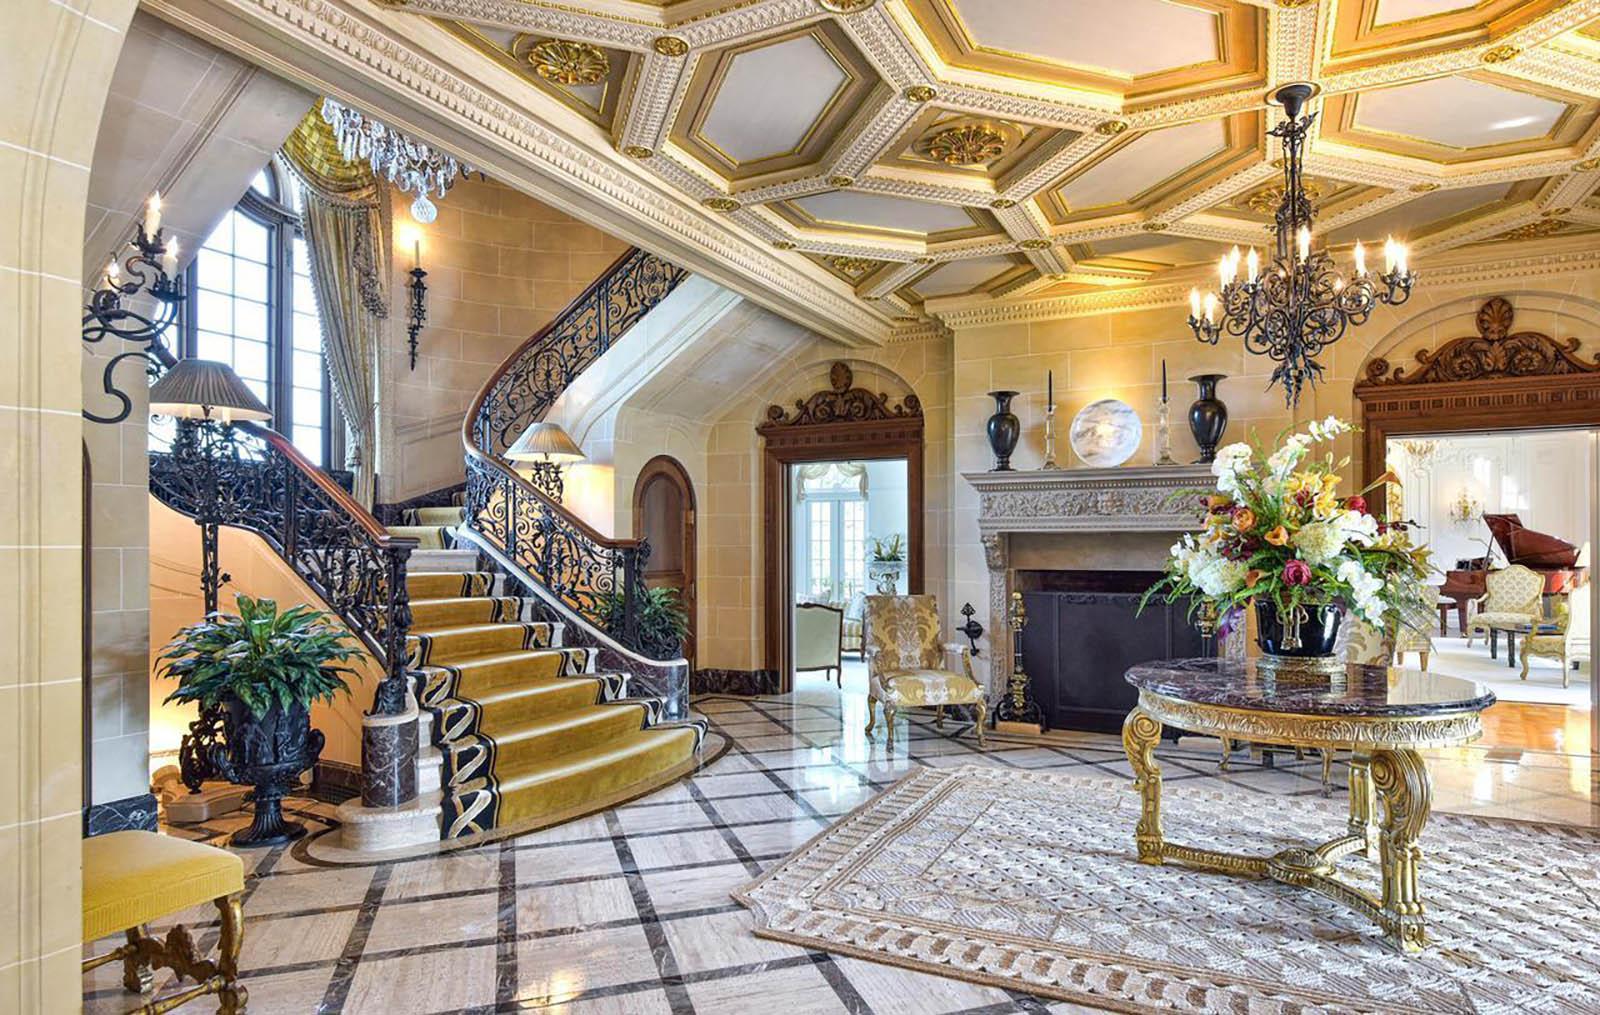 Uihlein Mansion